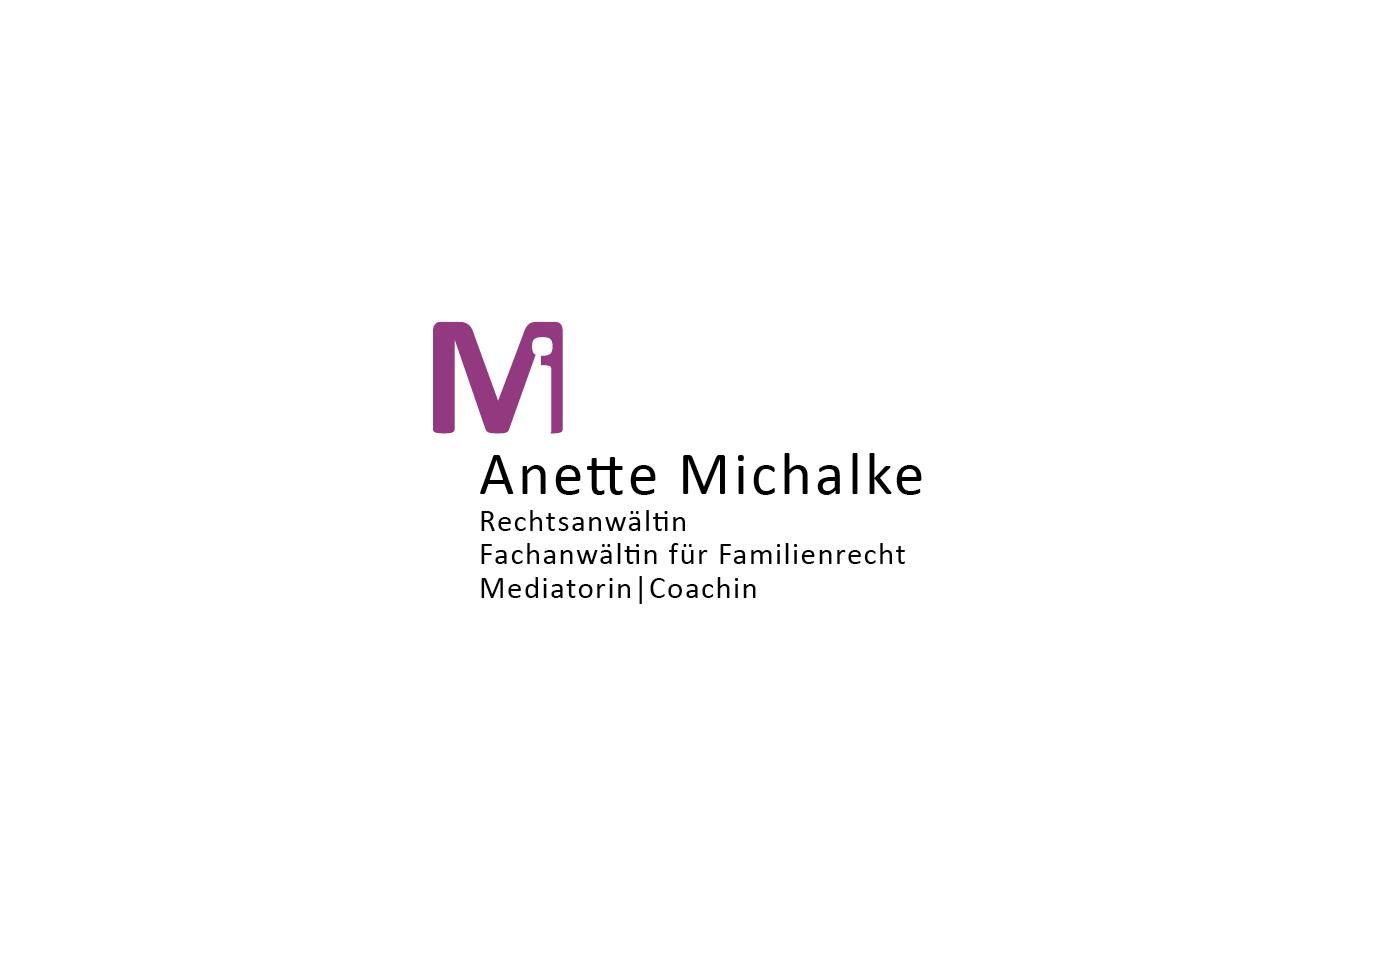 Anette Michalke – Rechtsanwältin